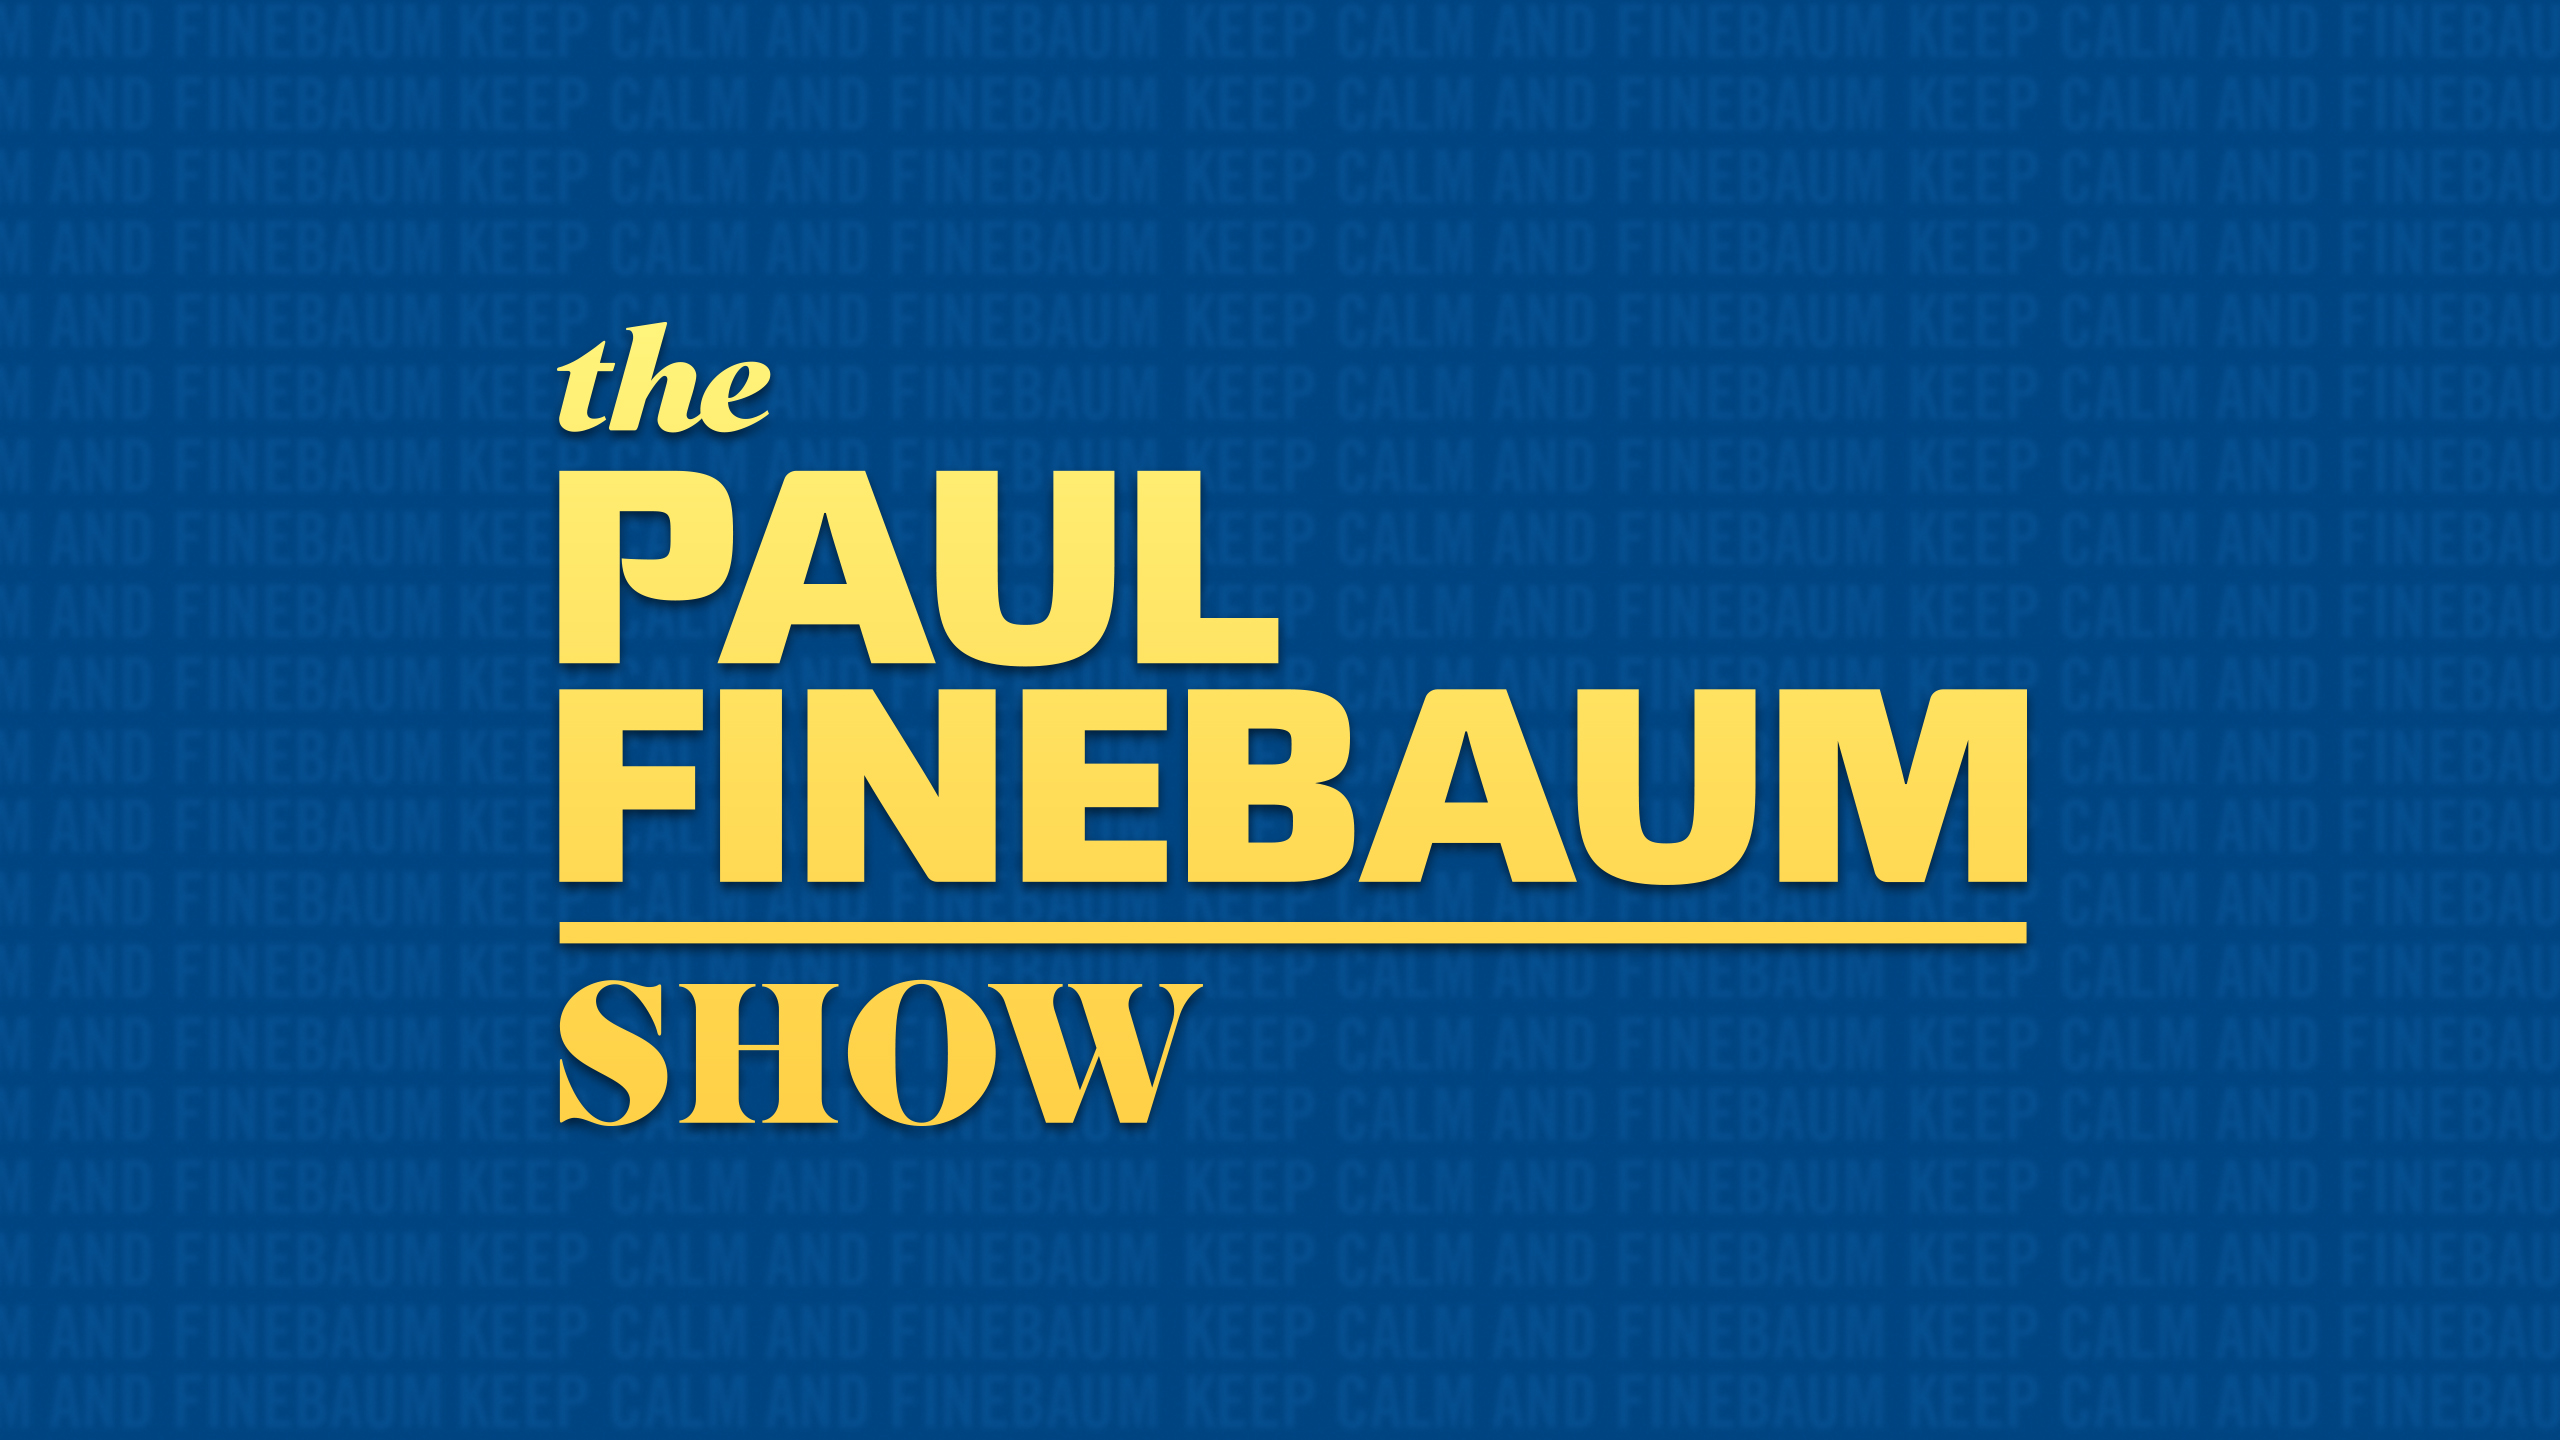 Tue, 9/25 - The Paul Finebaum Show